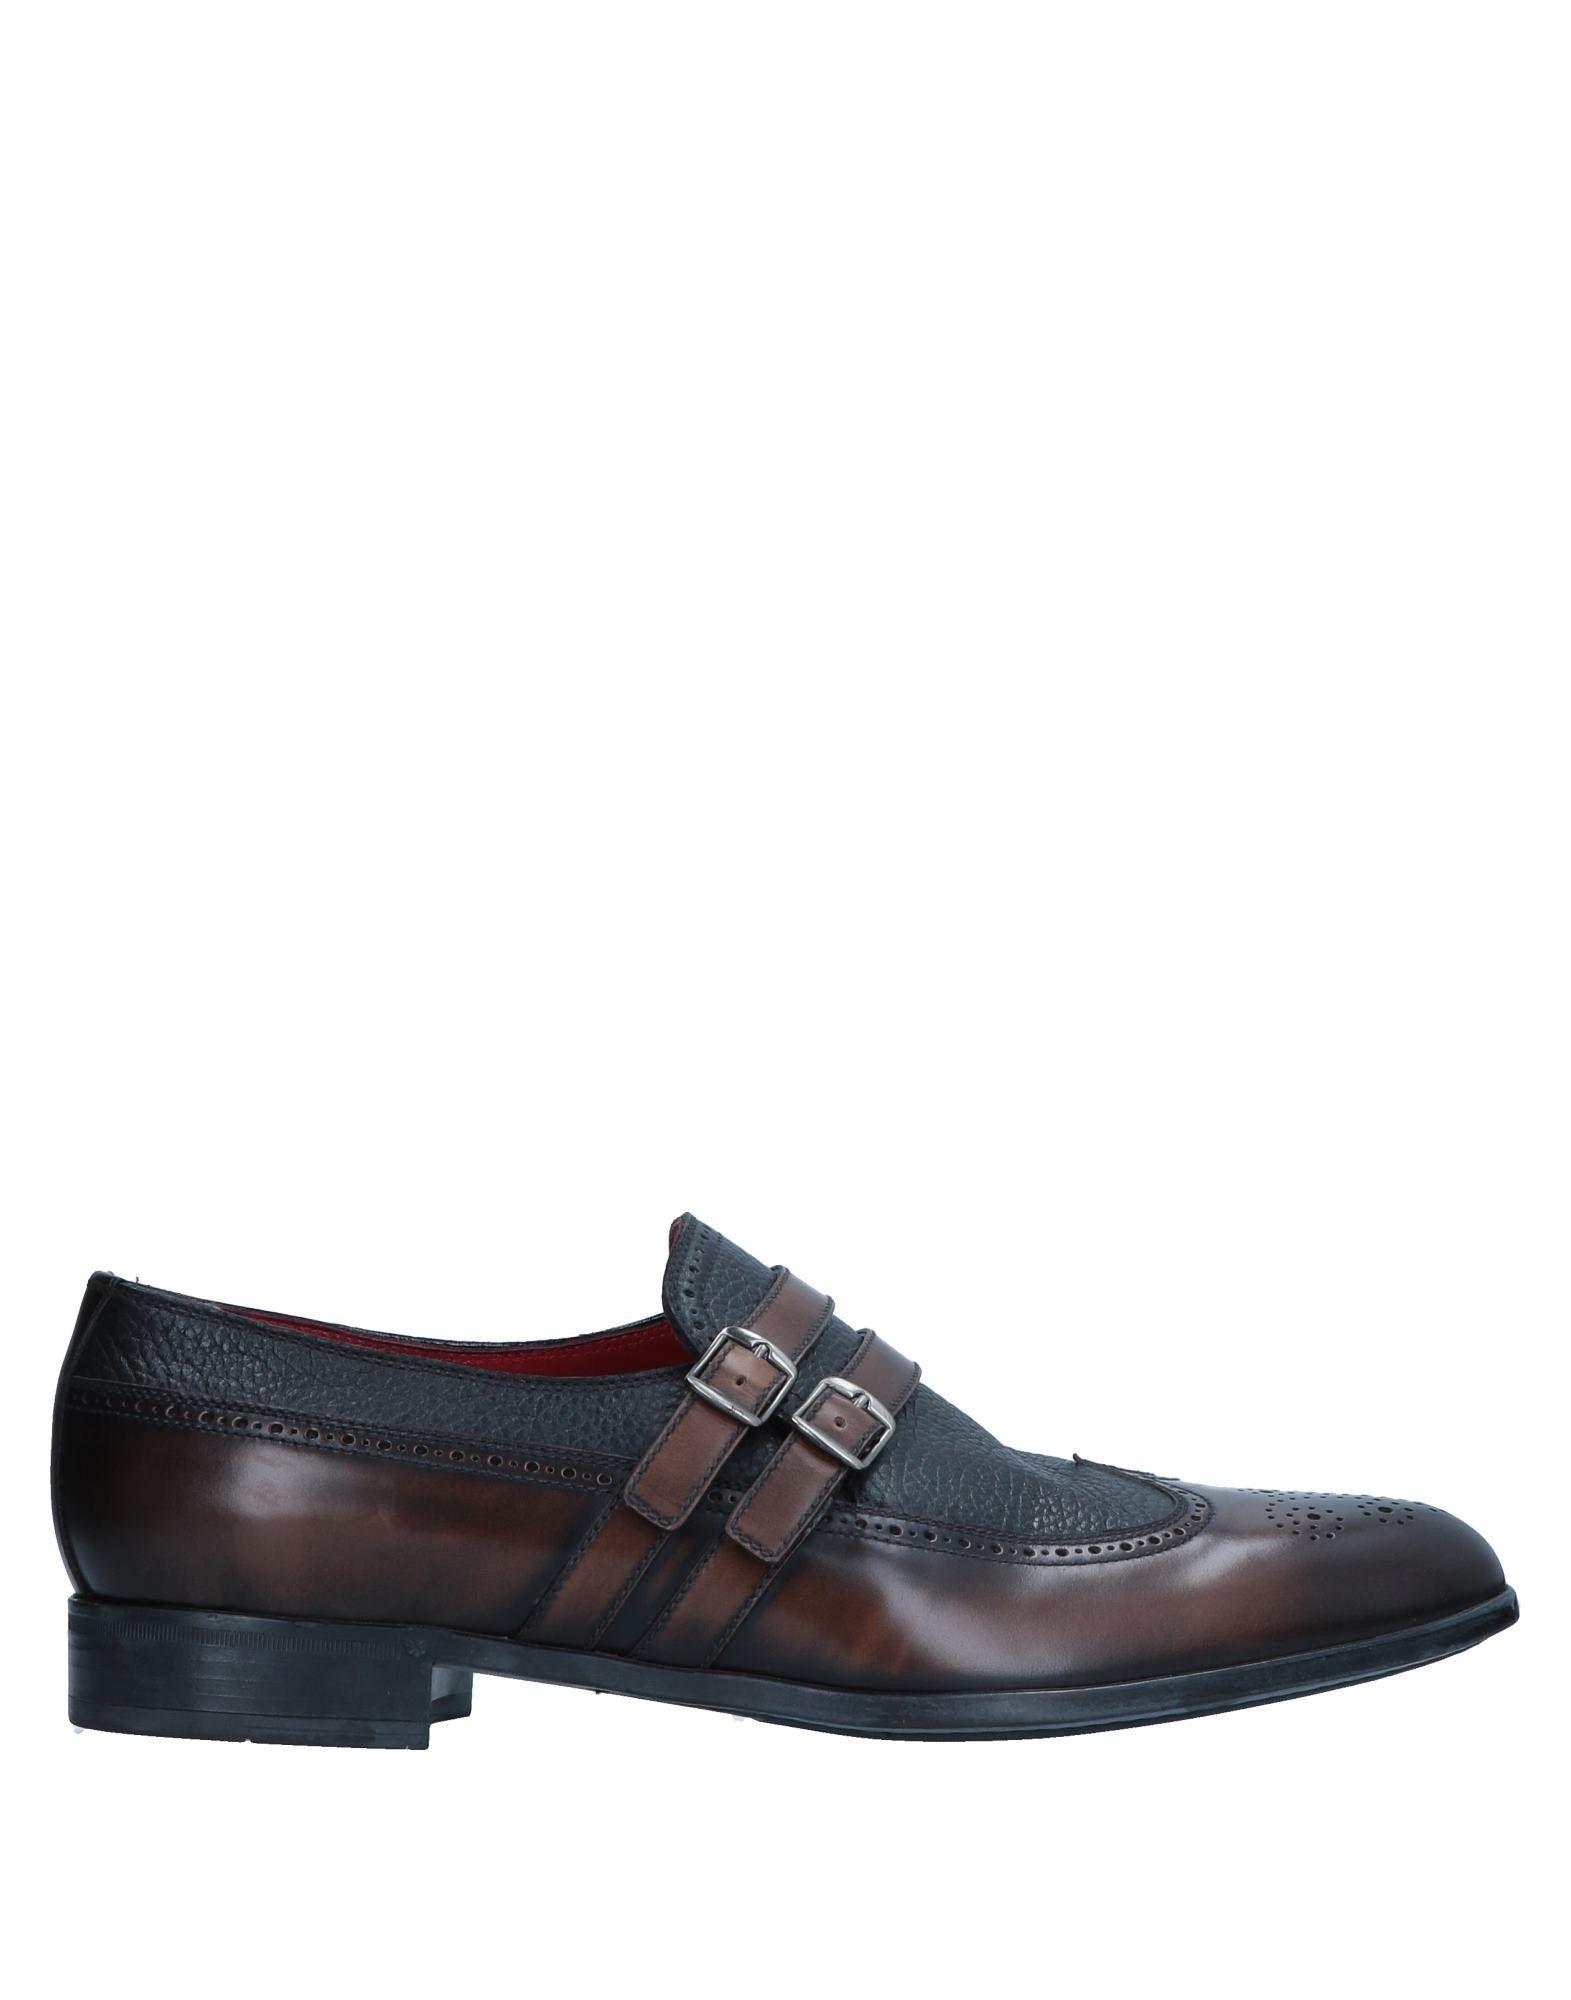 Barrett Mokassins Herren  11548200FC Gute Qualität beliebte Schuhe